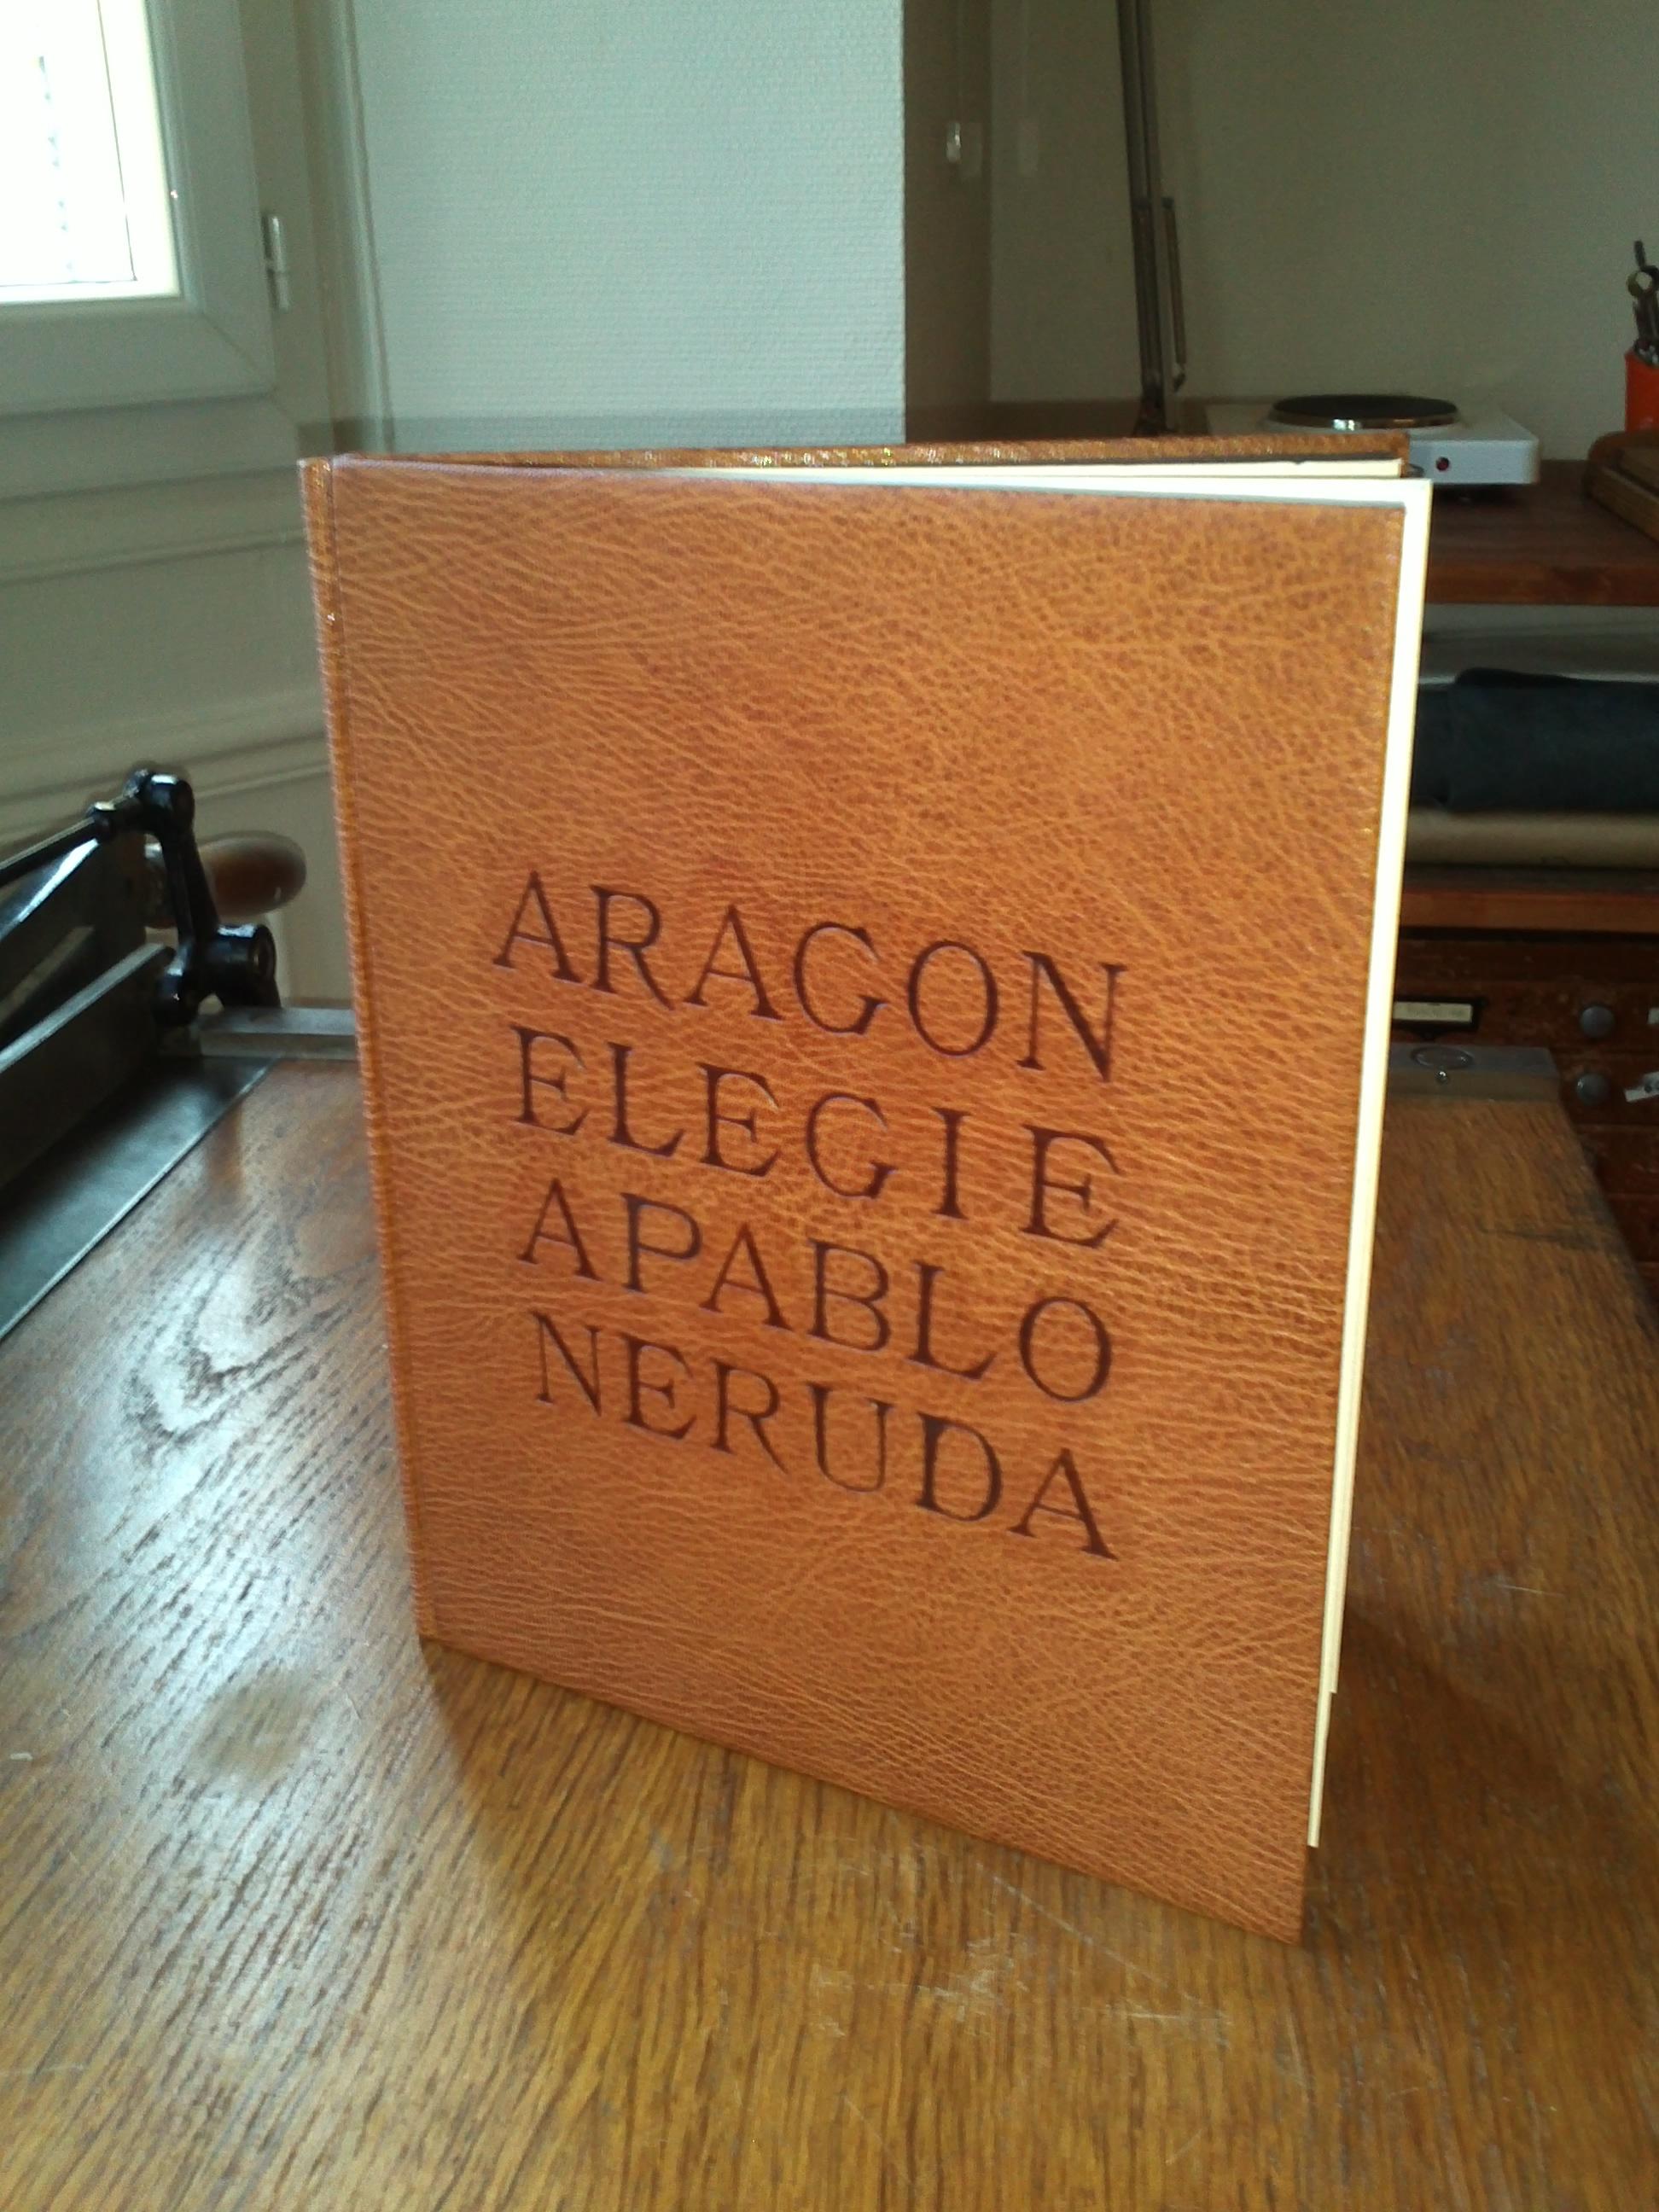 Aragon - Elegie à Pablo Neruda.